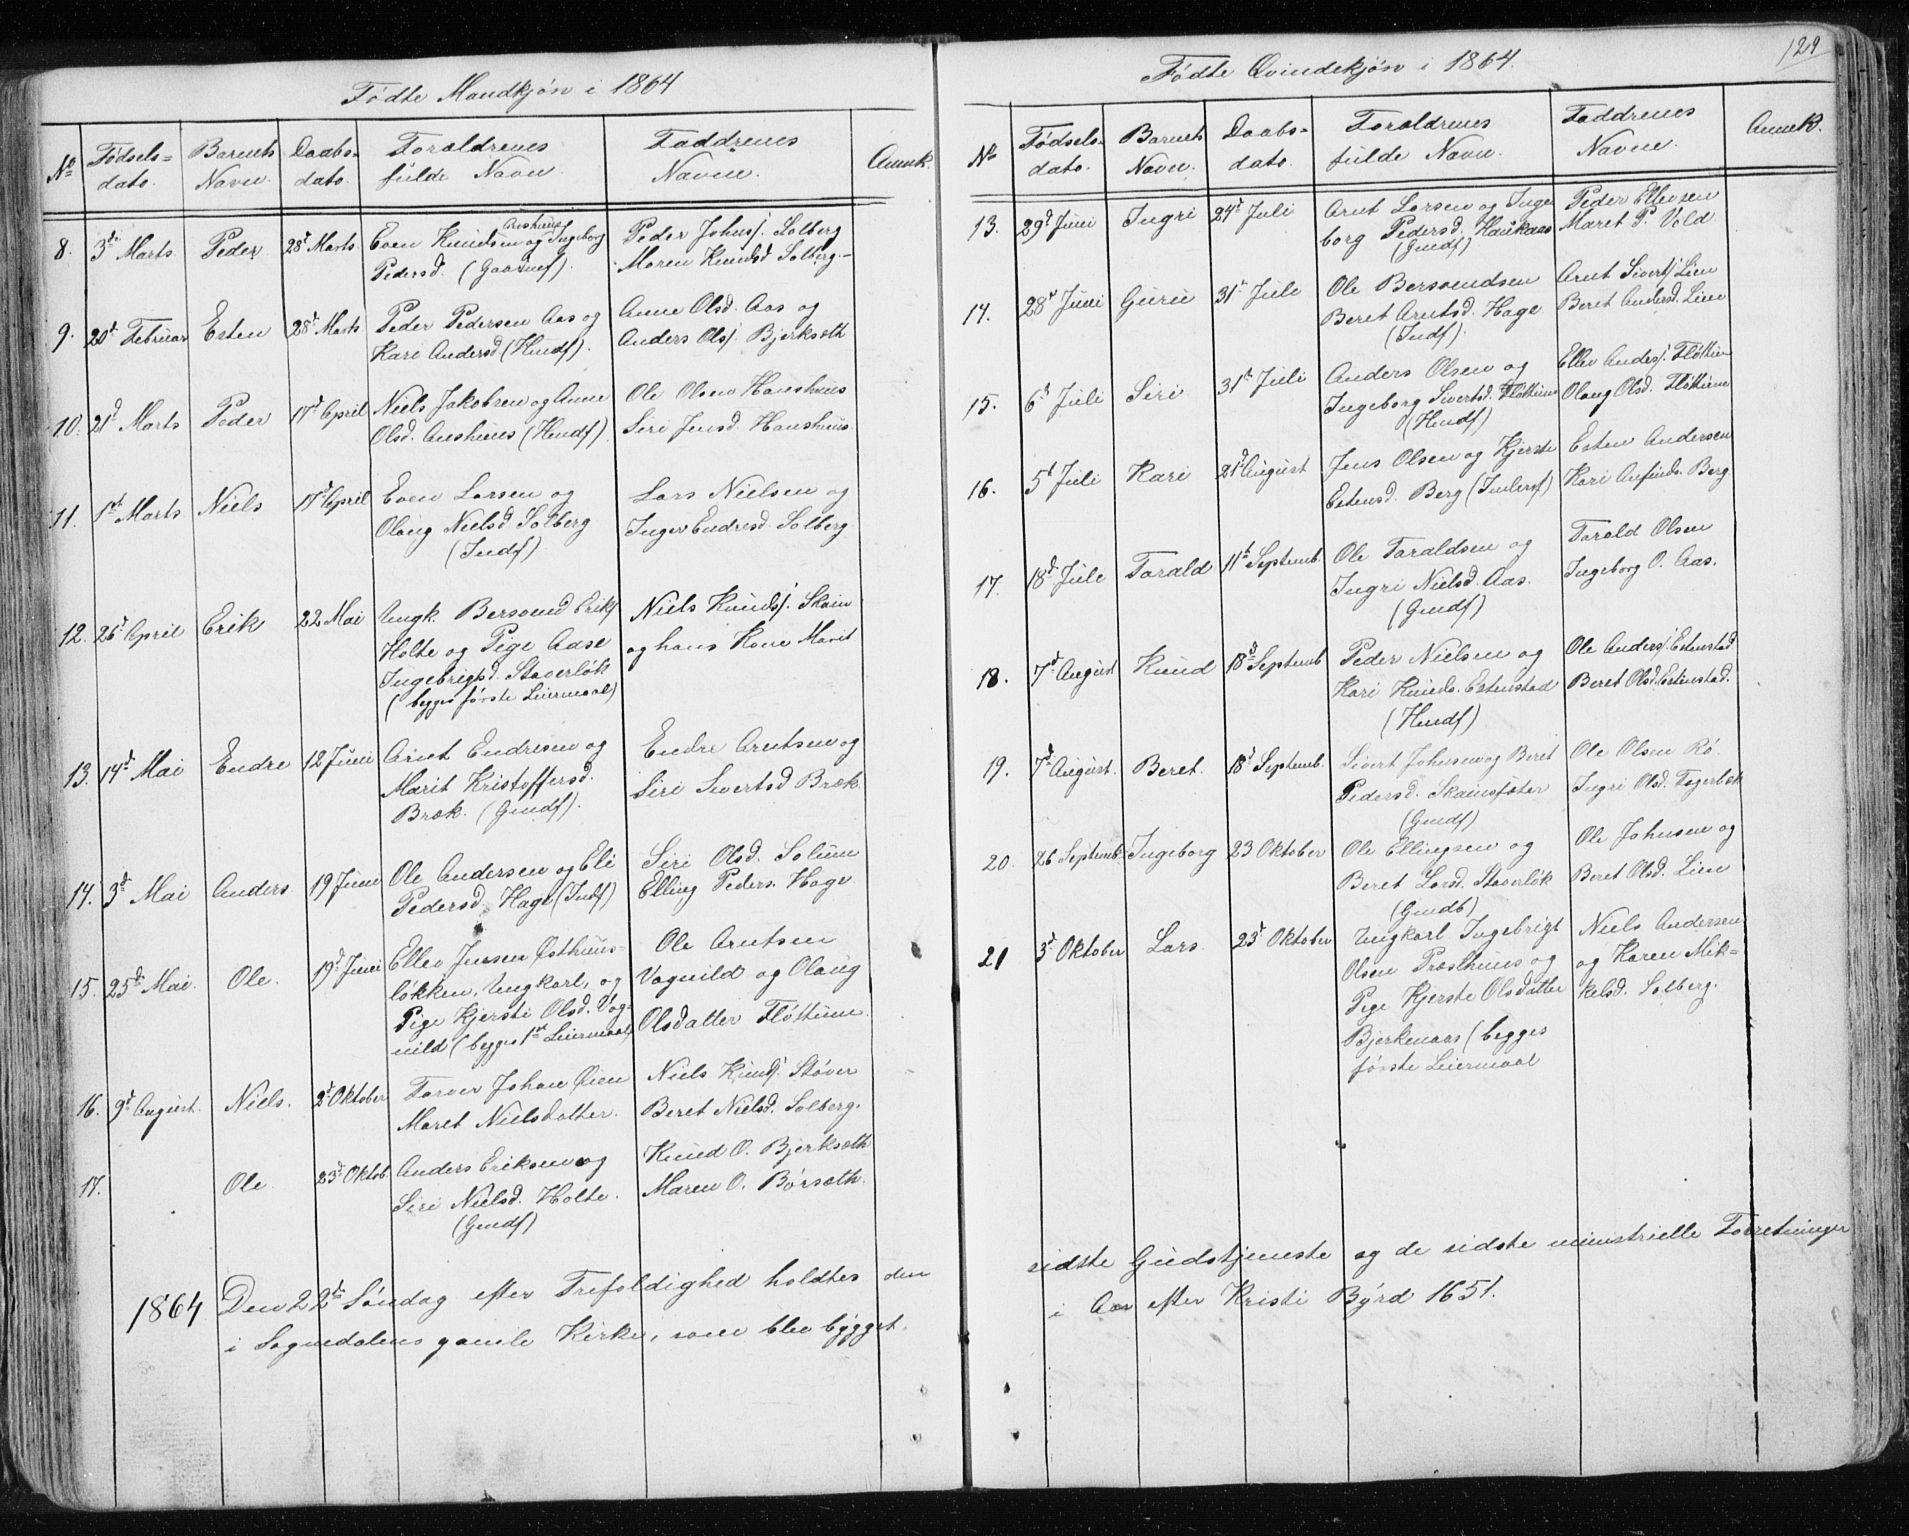 SAT, Ministerialprotokoller, klokkerbøker og fødselsregistre - Sør-Trøndelag, 689/L1043: Klokkerbok nr. 689C02, 1816-1892, s. 129